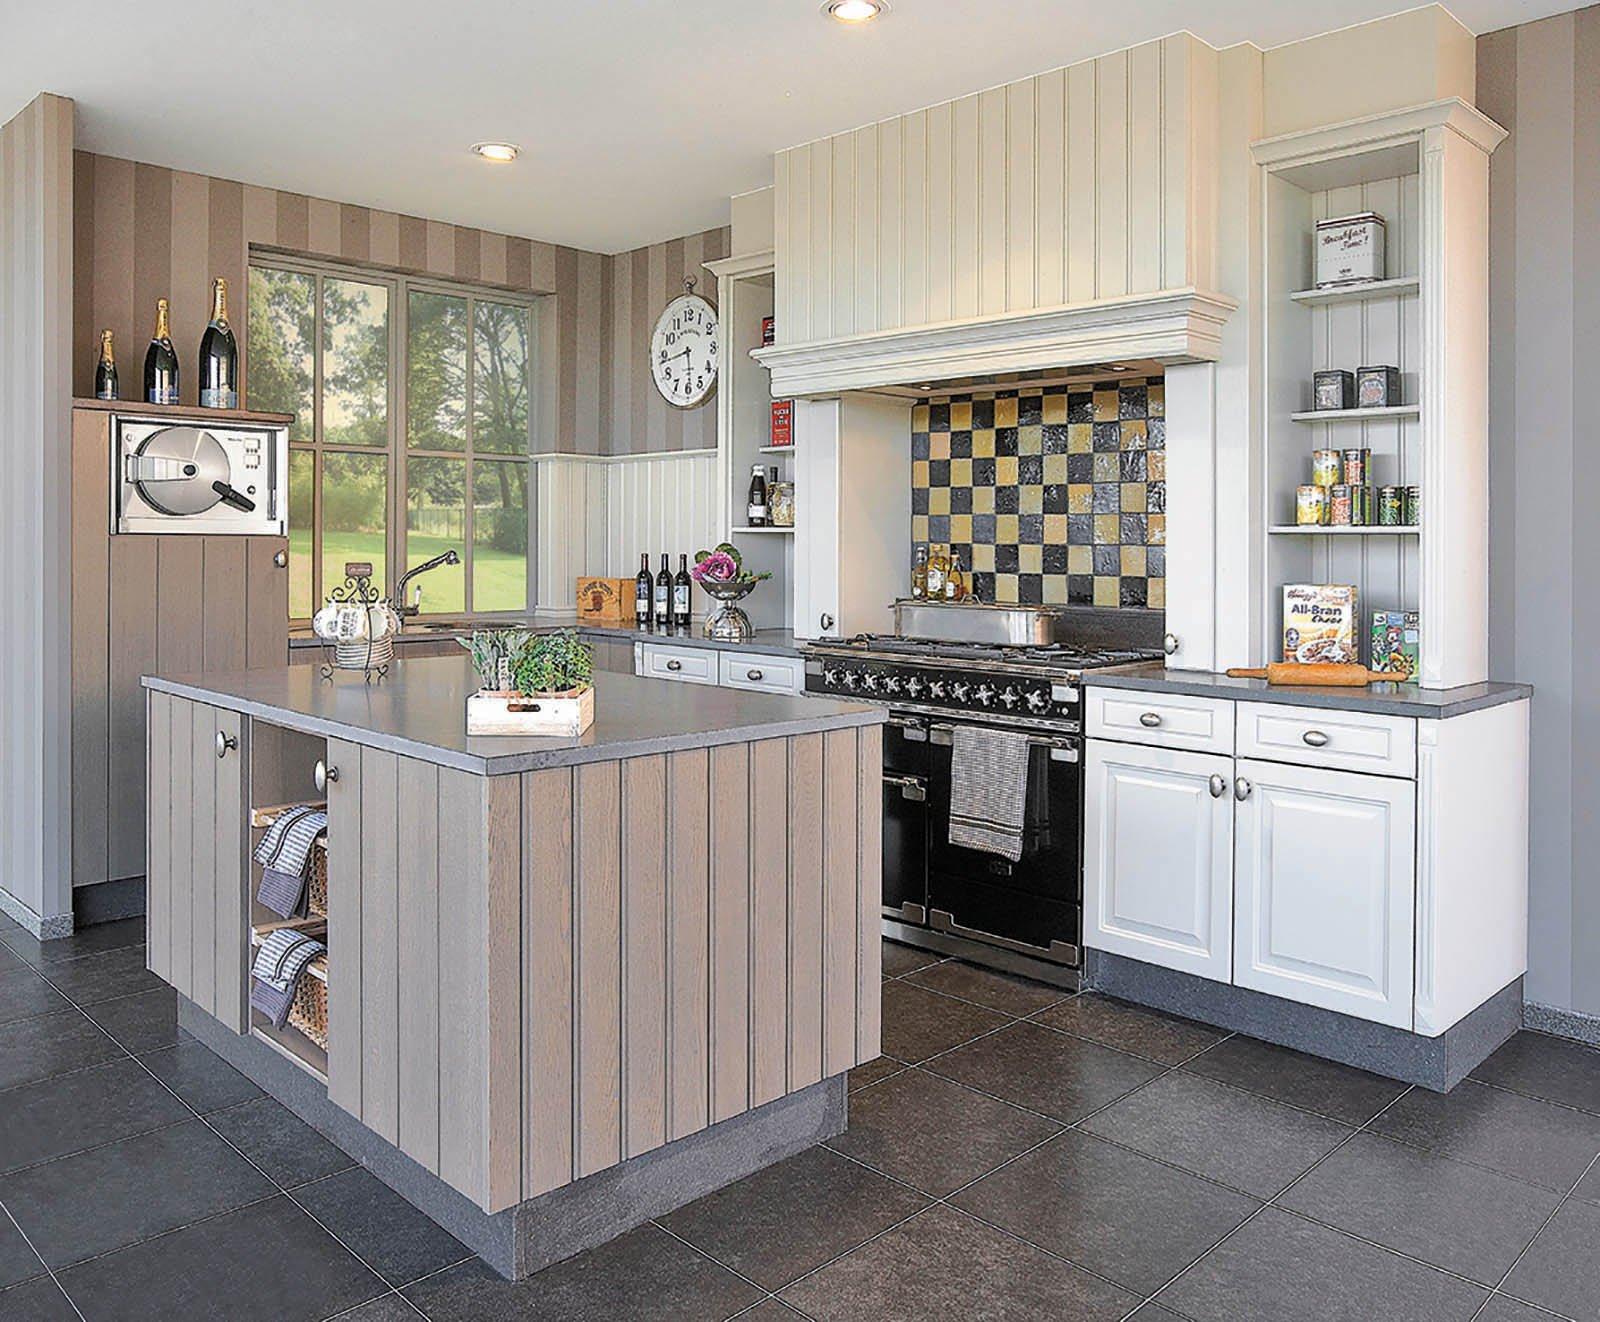 Cuisine rustique et cottage - Modèle Cottage Provence